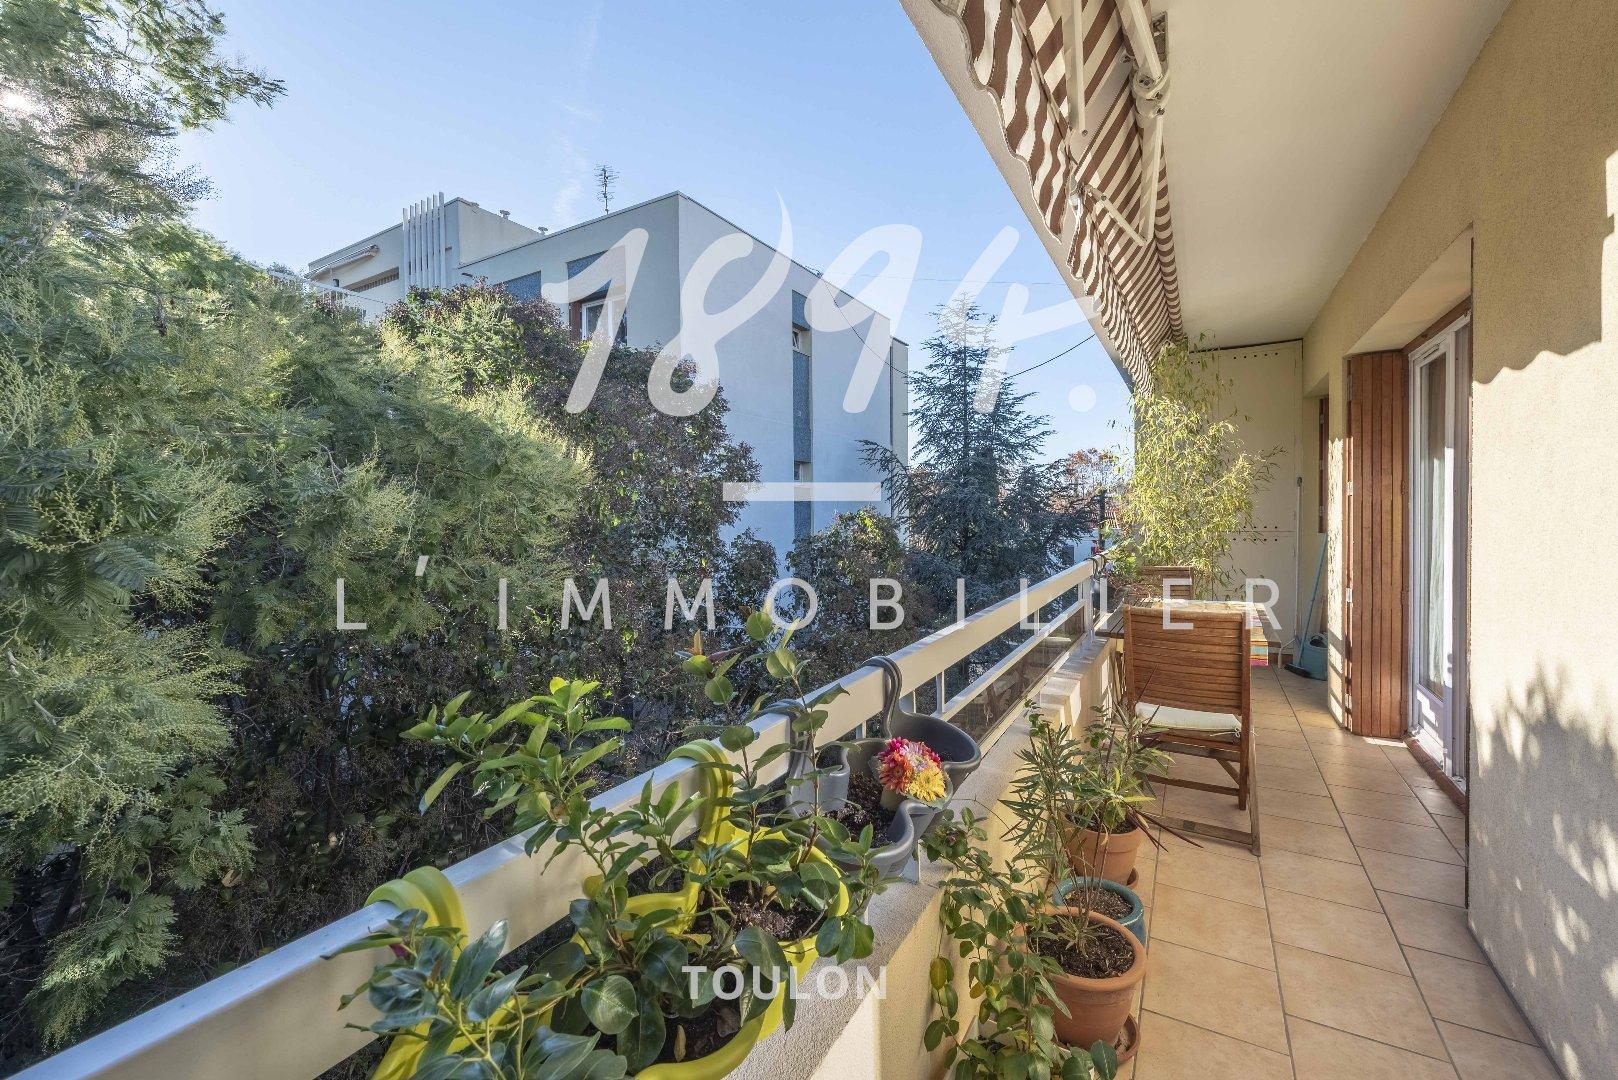 T3 70m² ,Terrasse au calme